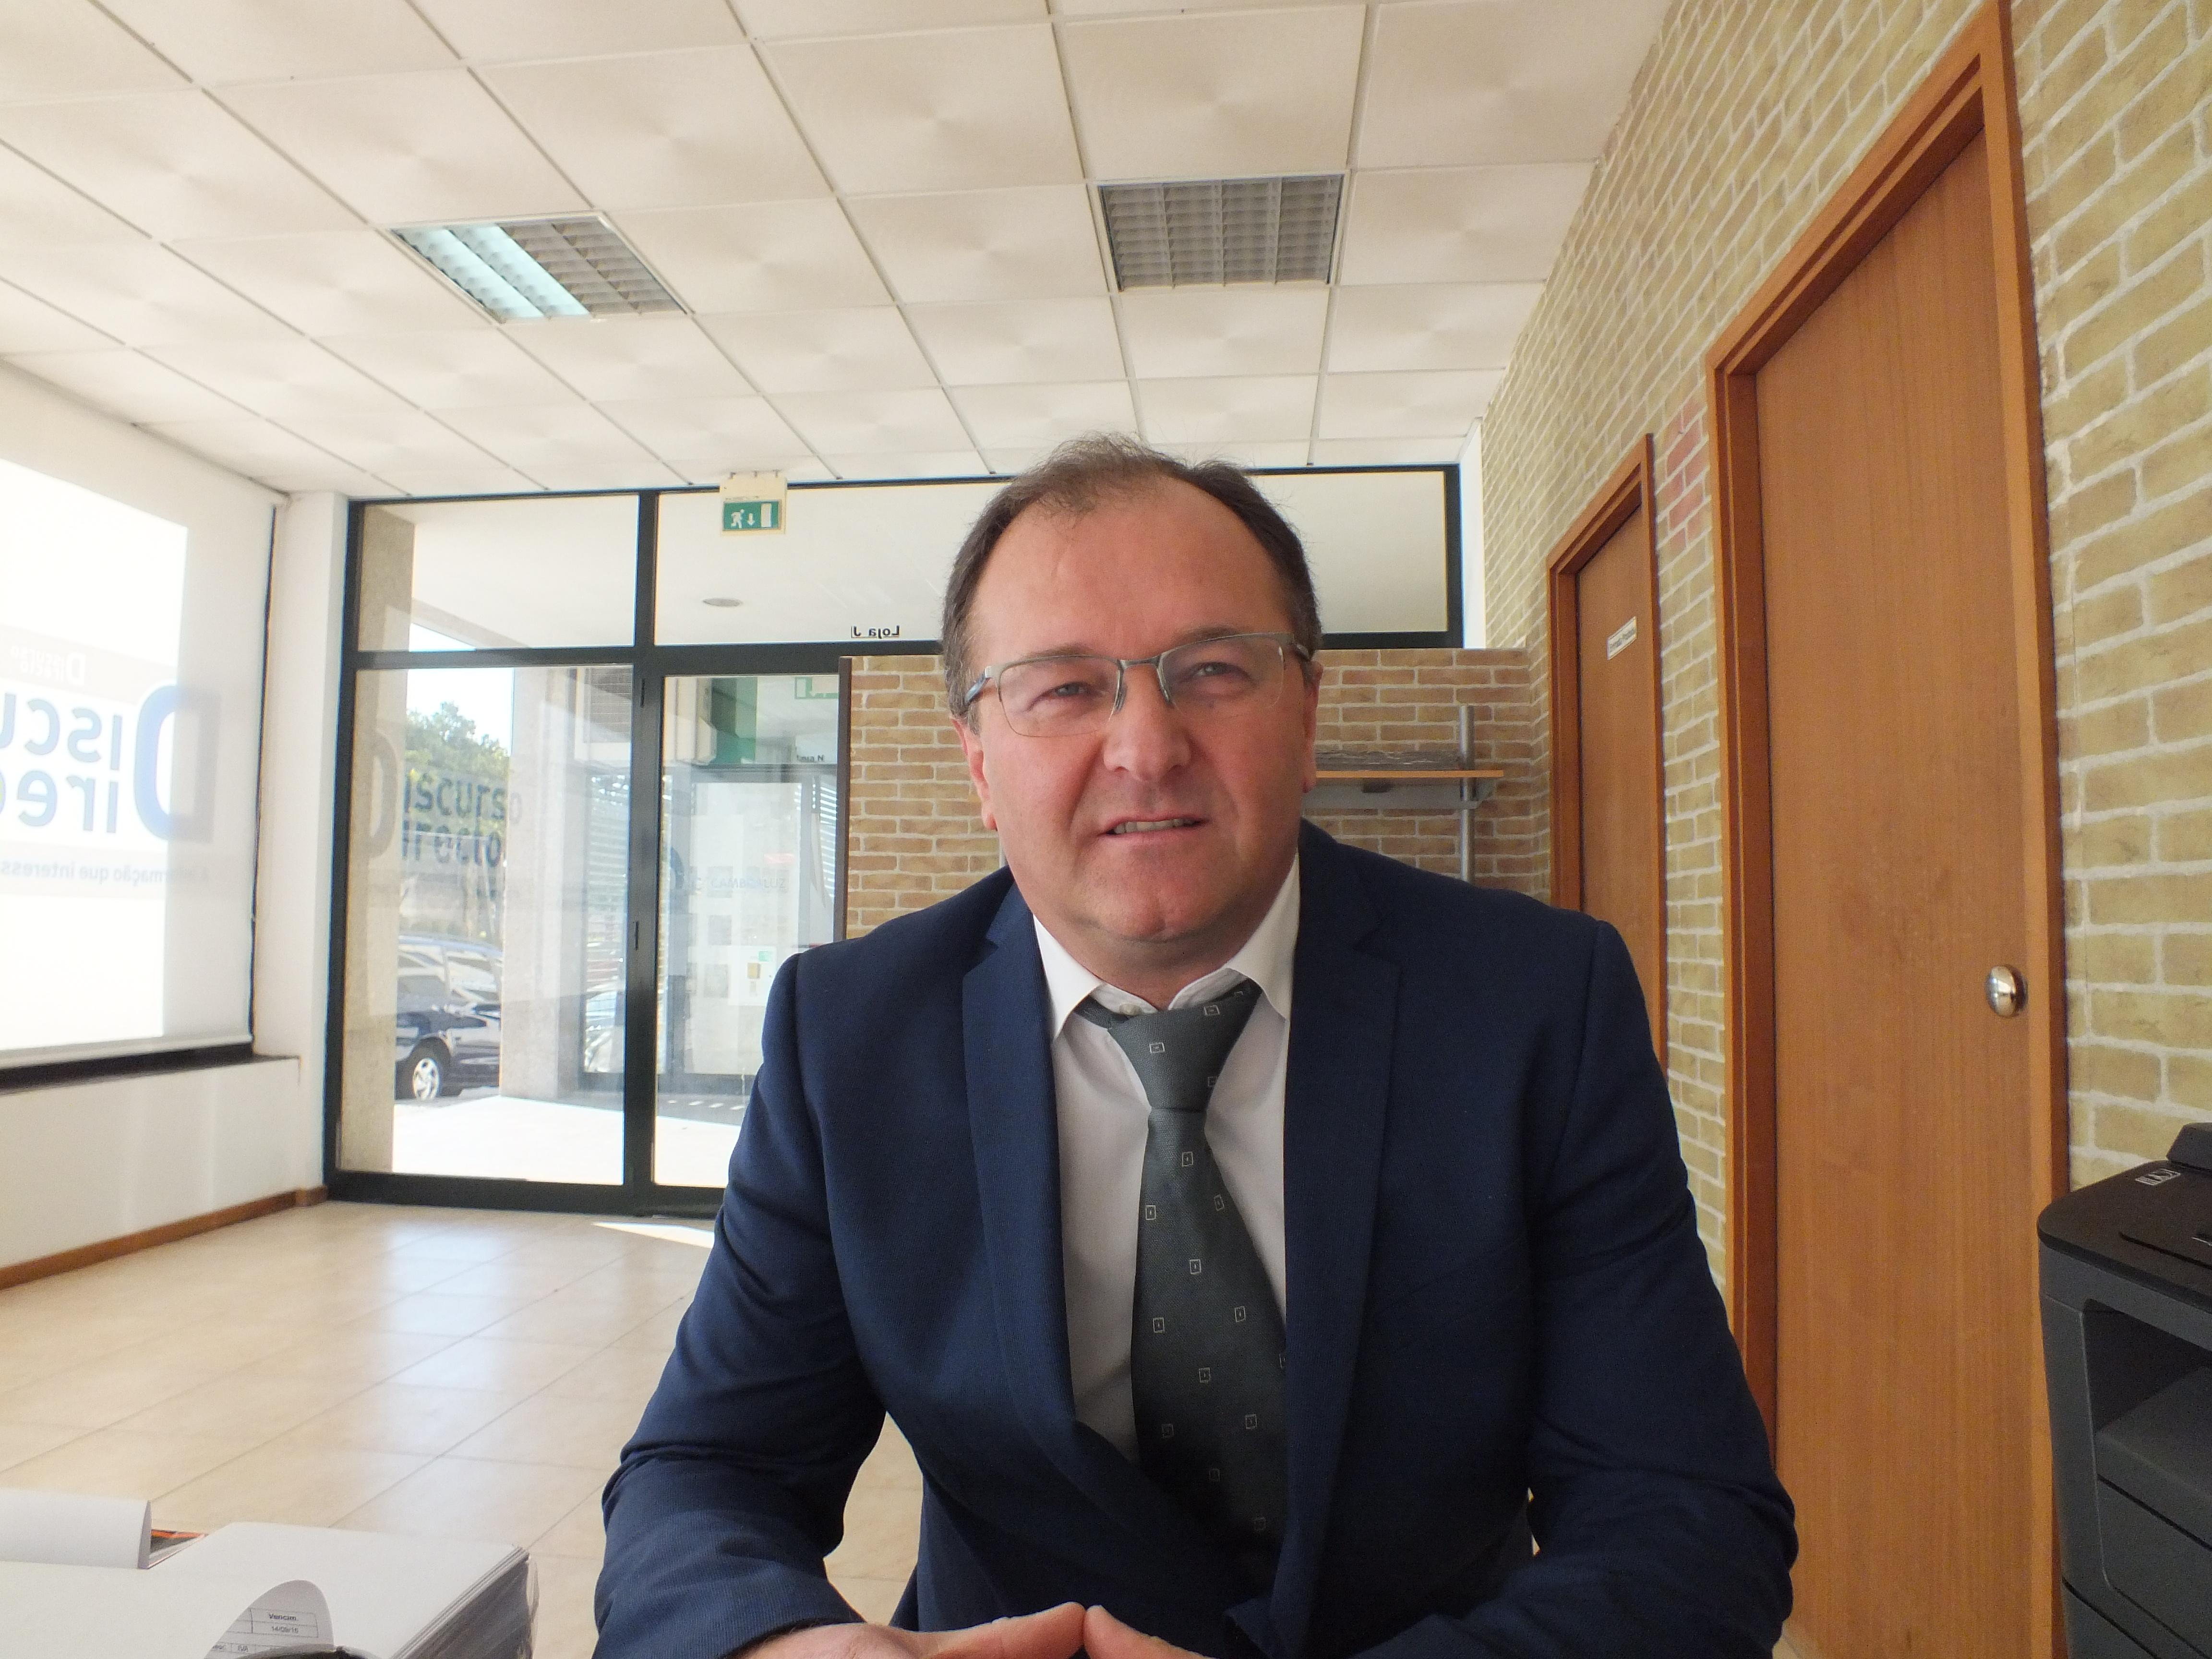 Nelson Martins apresenta candidatura à presidência da Câmara Municipal de Vale de Cambra